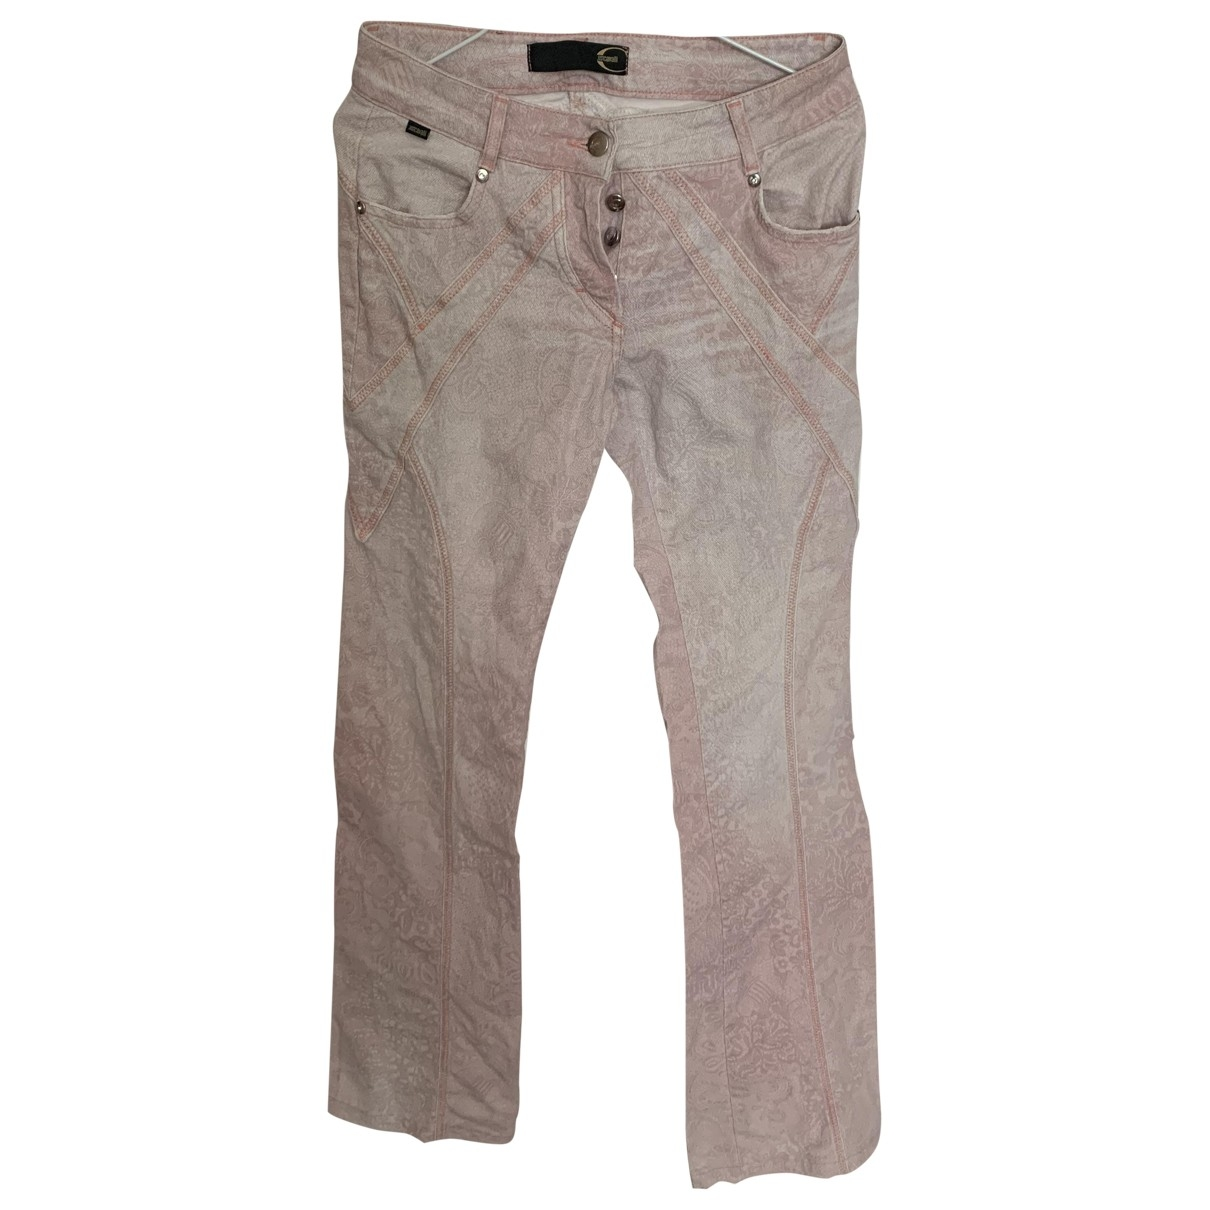 Pantalon recto Just Cavalli